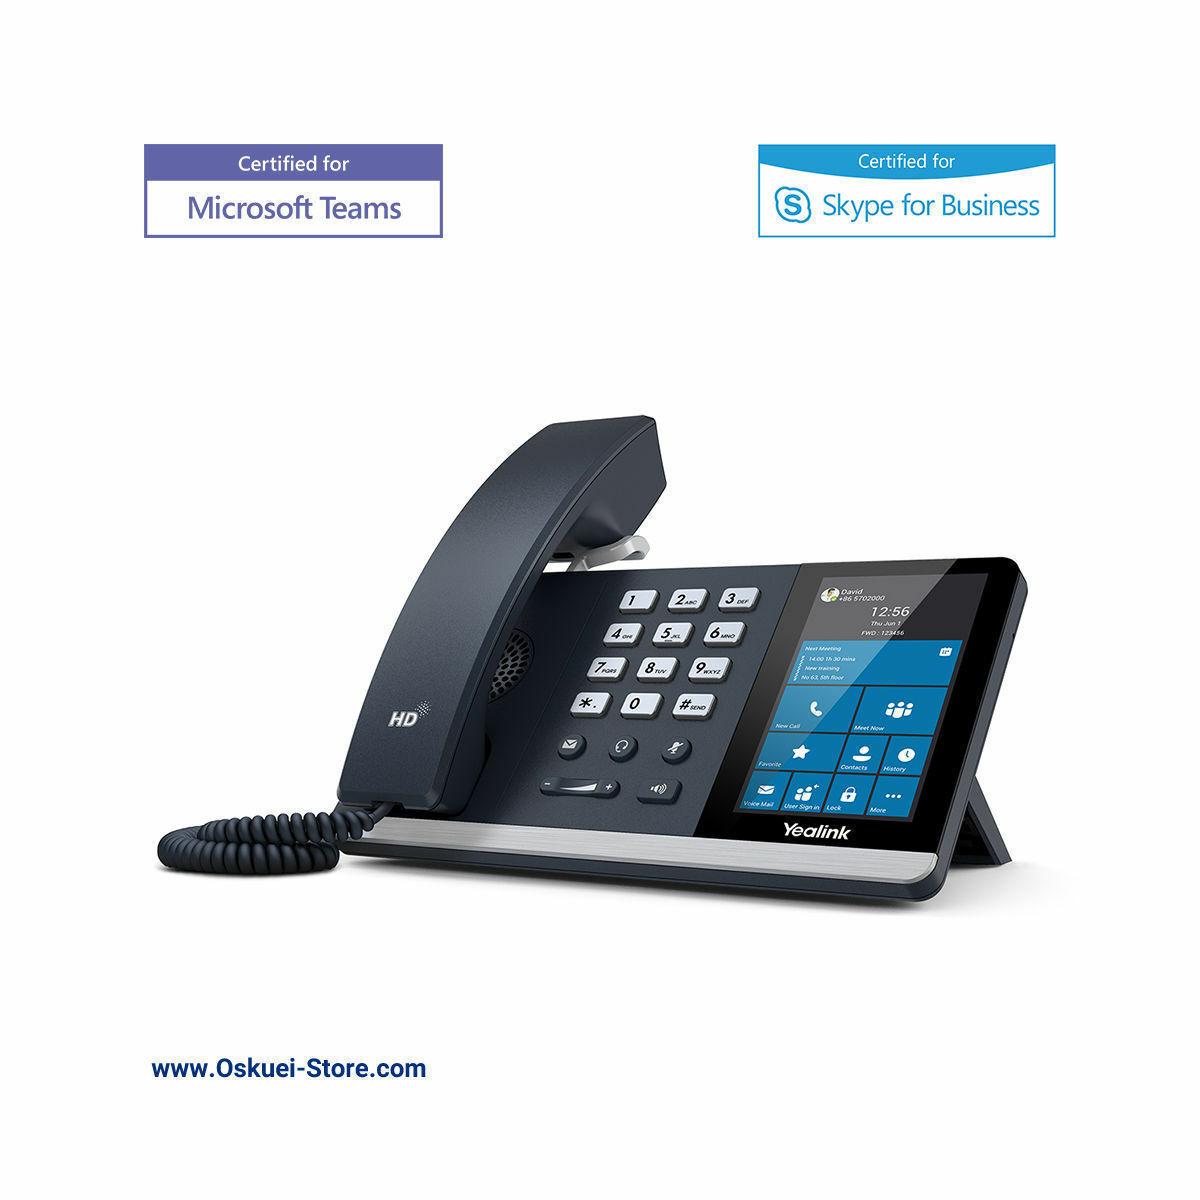 گوشی یالینک T55A   گوشی یلینک T55A   تلفن SIP-T55A